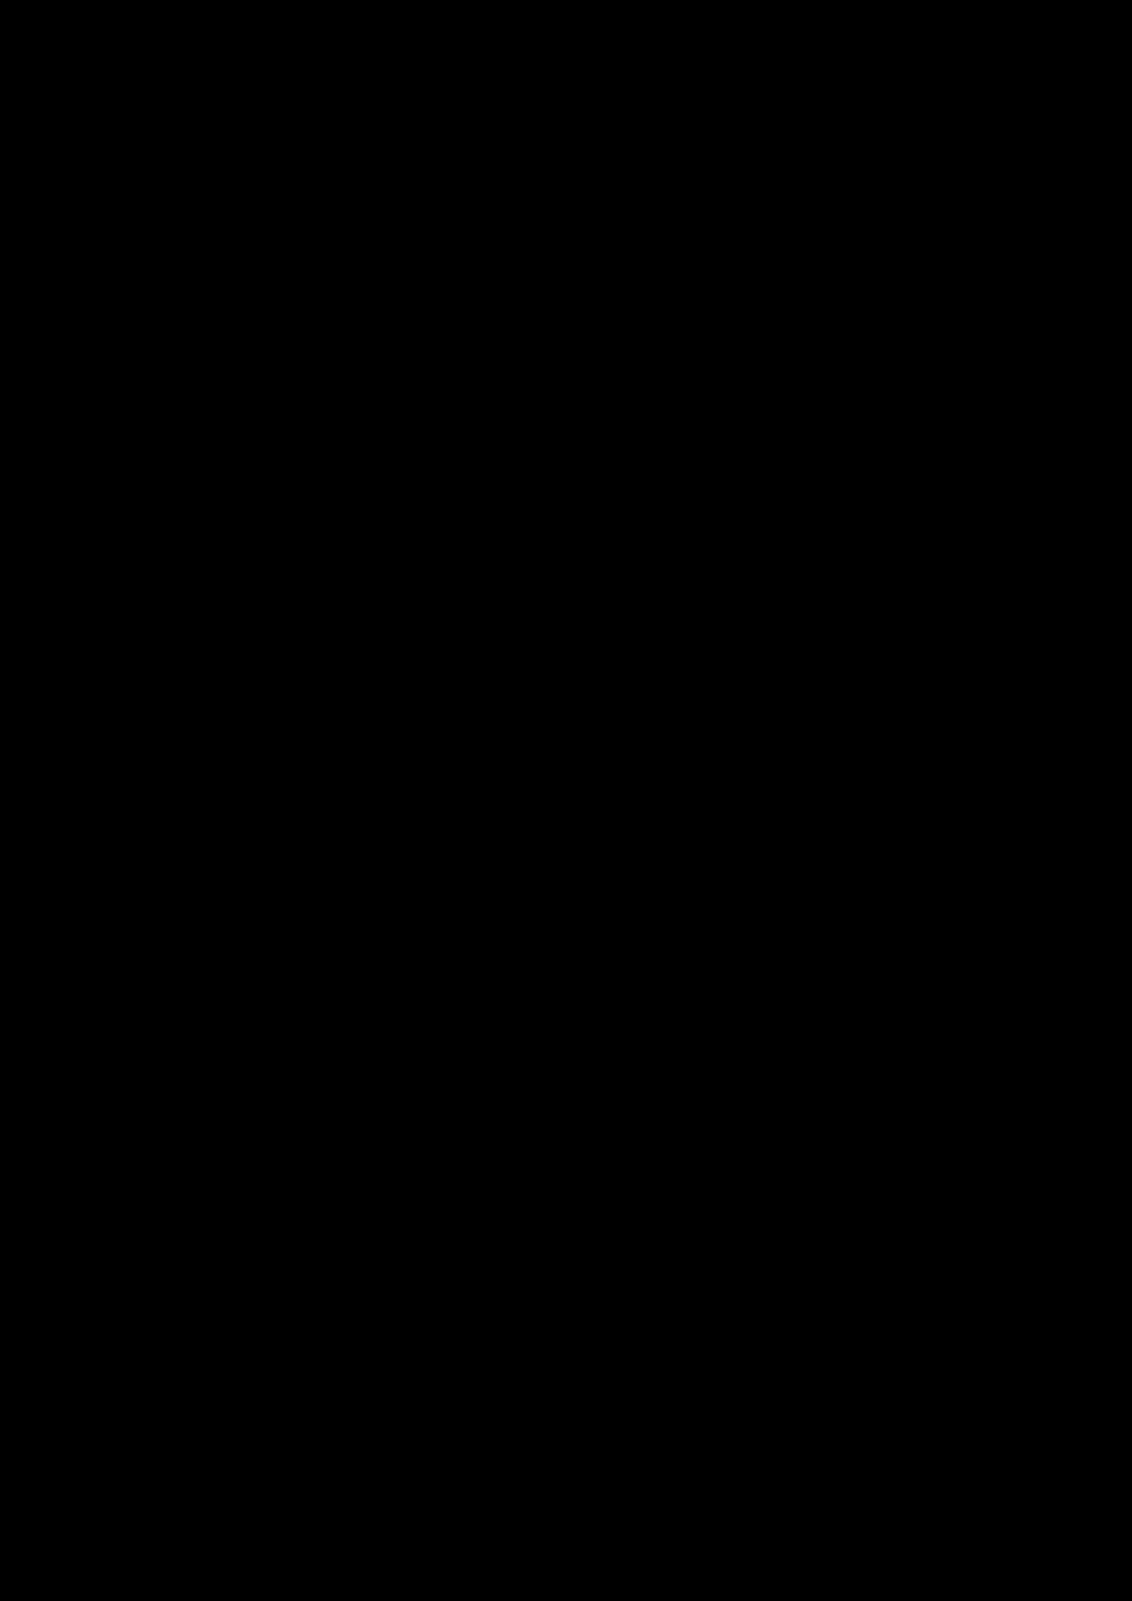 Zagadka volshebnoy stranyi slide, Image 161